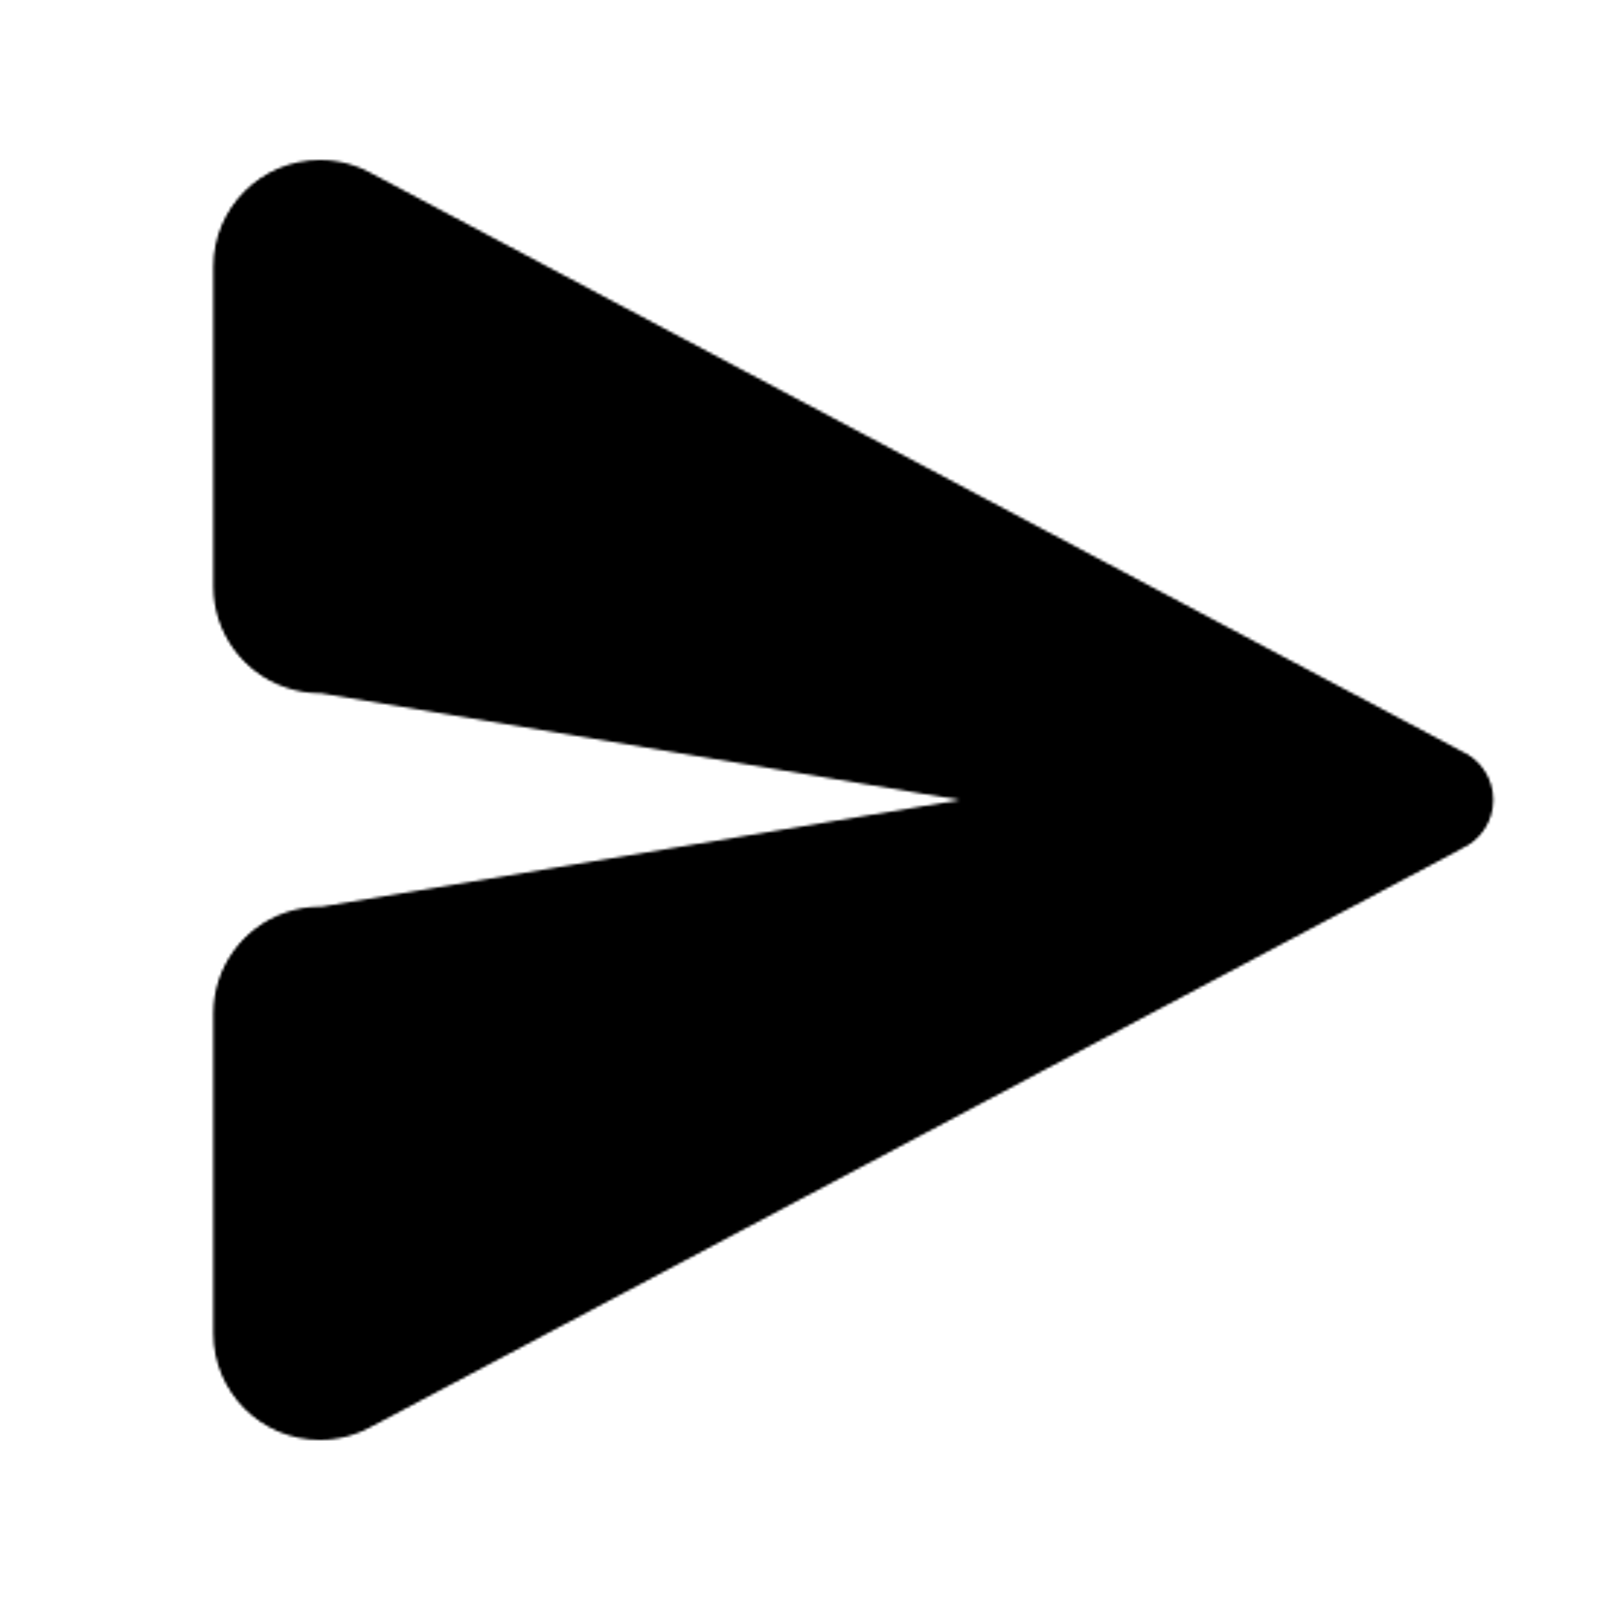 Avión de papel icon